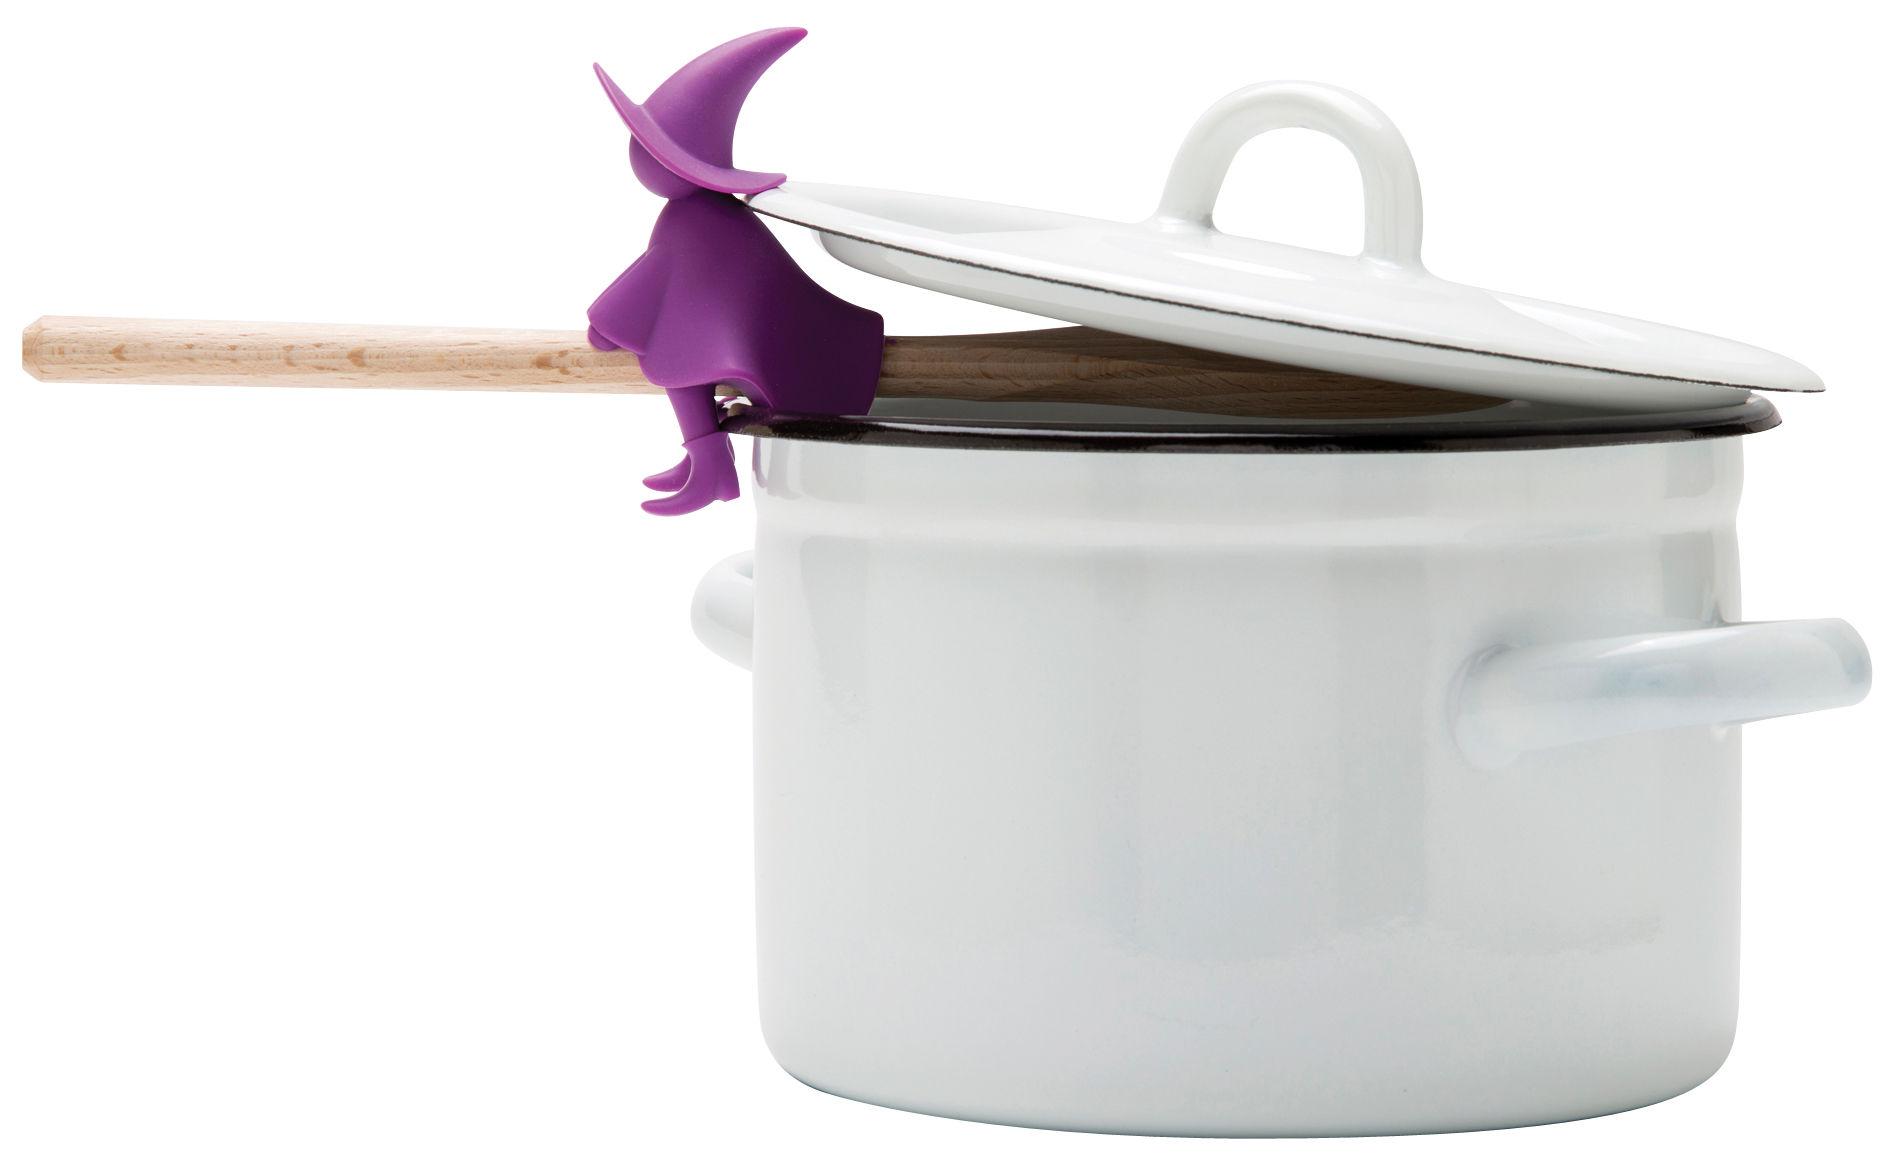 Cucina - Utensili da cucina - Poggiacucchiaio Agatha - / Lascia passare il vapore di Pa Design - Viola - Silicone